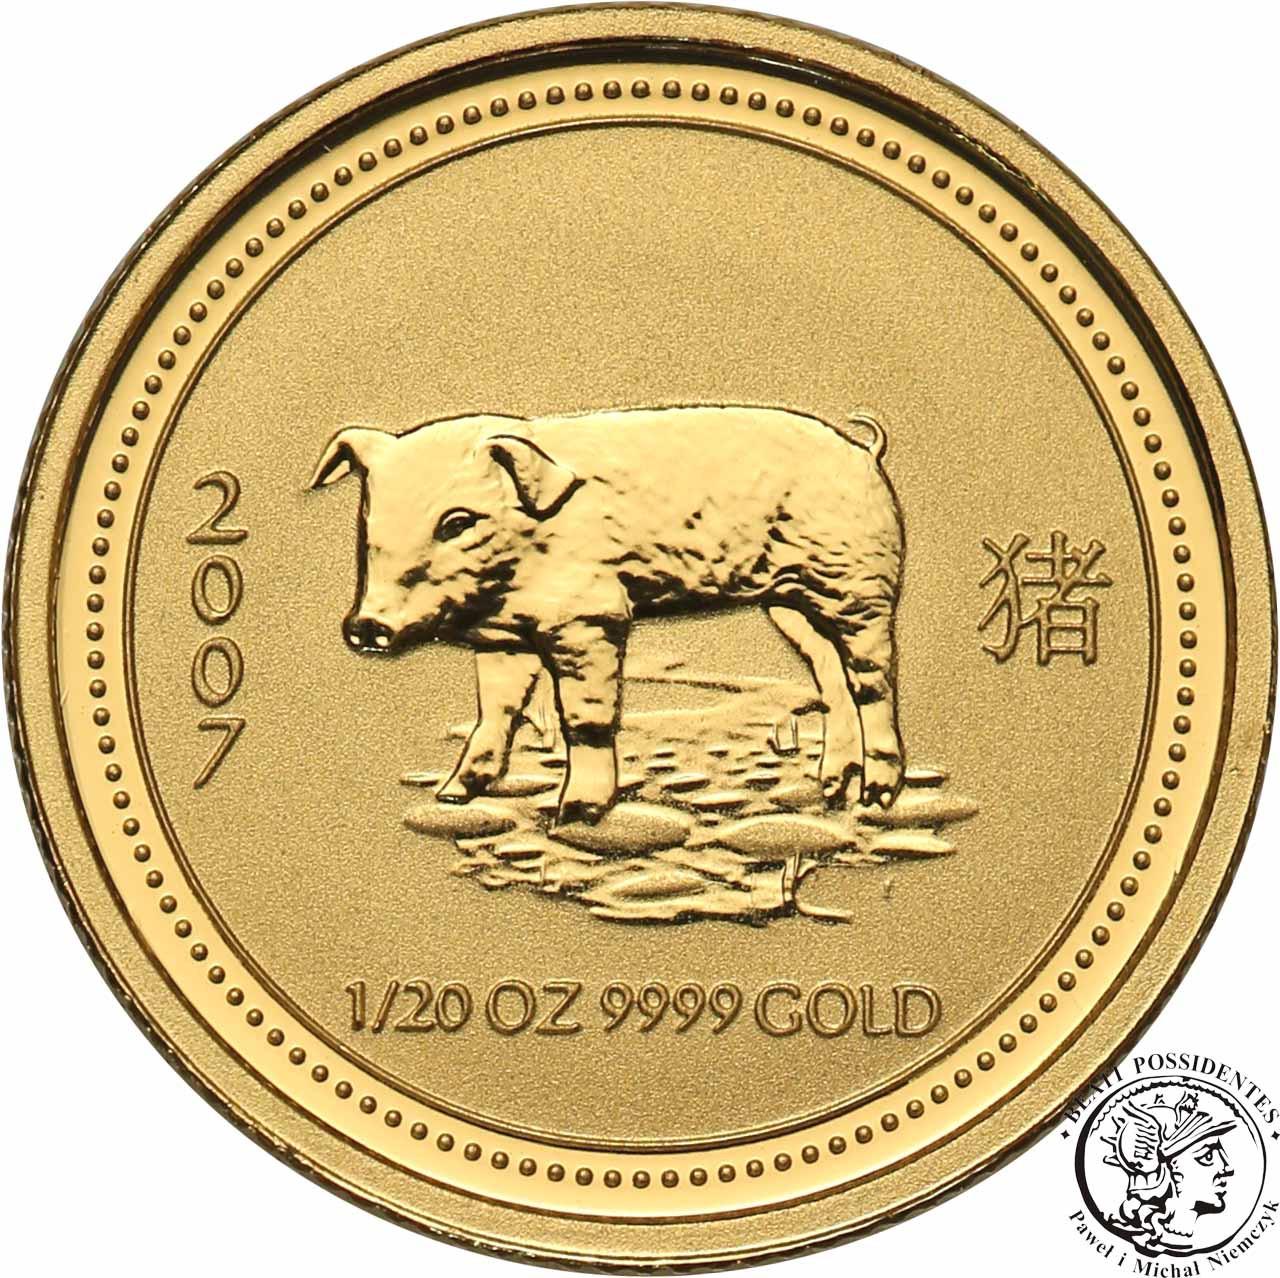 Australia 5 dolarów 2007 Rok ŚWINI Au.999 st.1